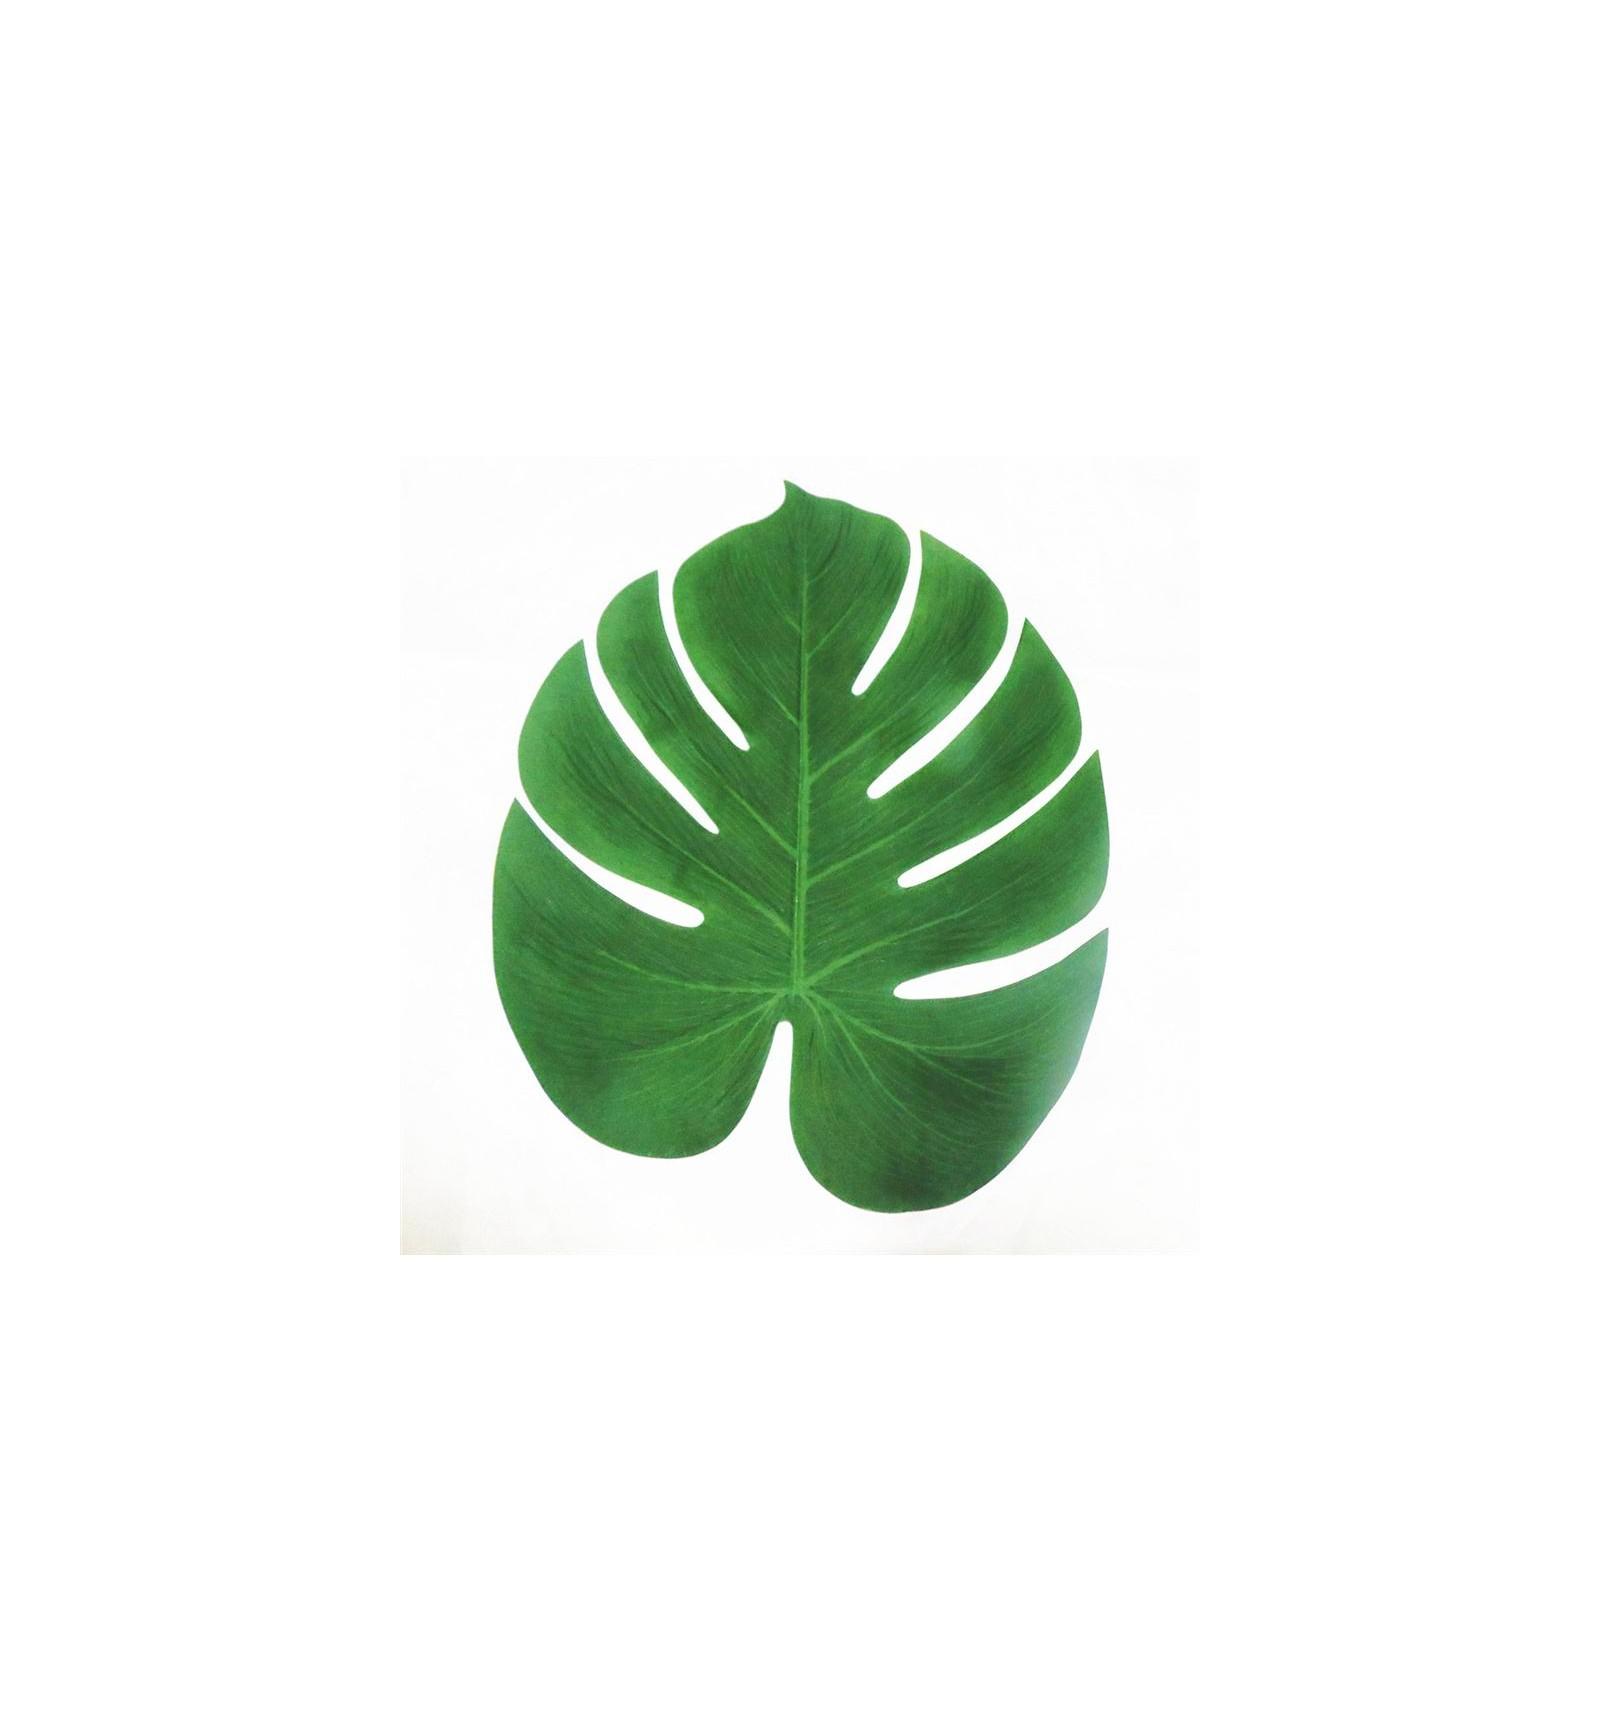 Achat feuille de palmier artificielle sur hello pompon for Feuille de palmier deco